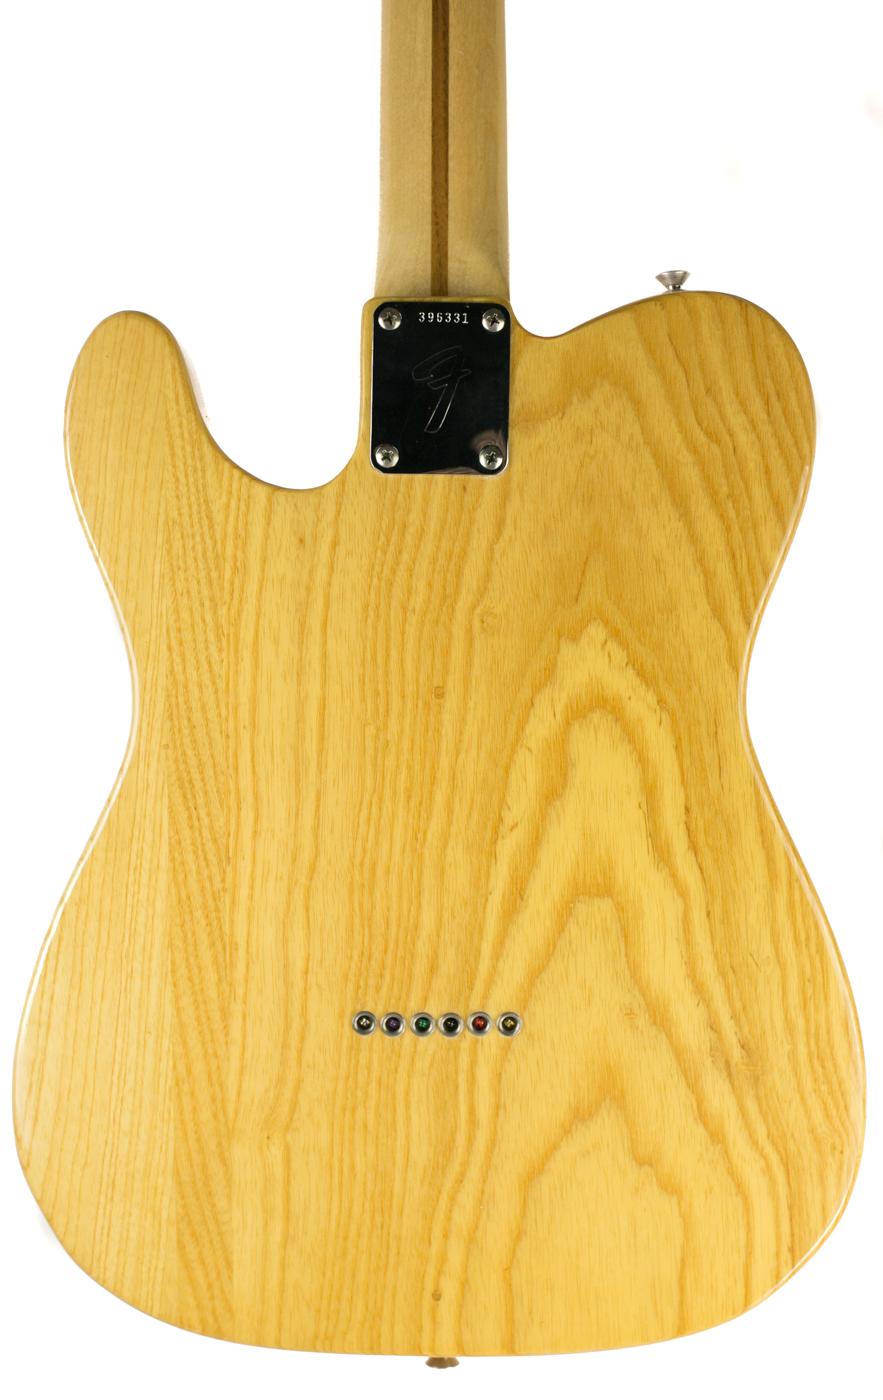 1972 Fender Telecaster detail 2